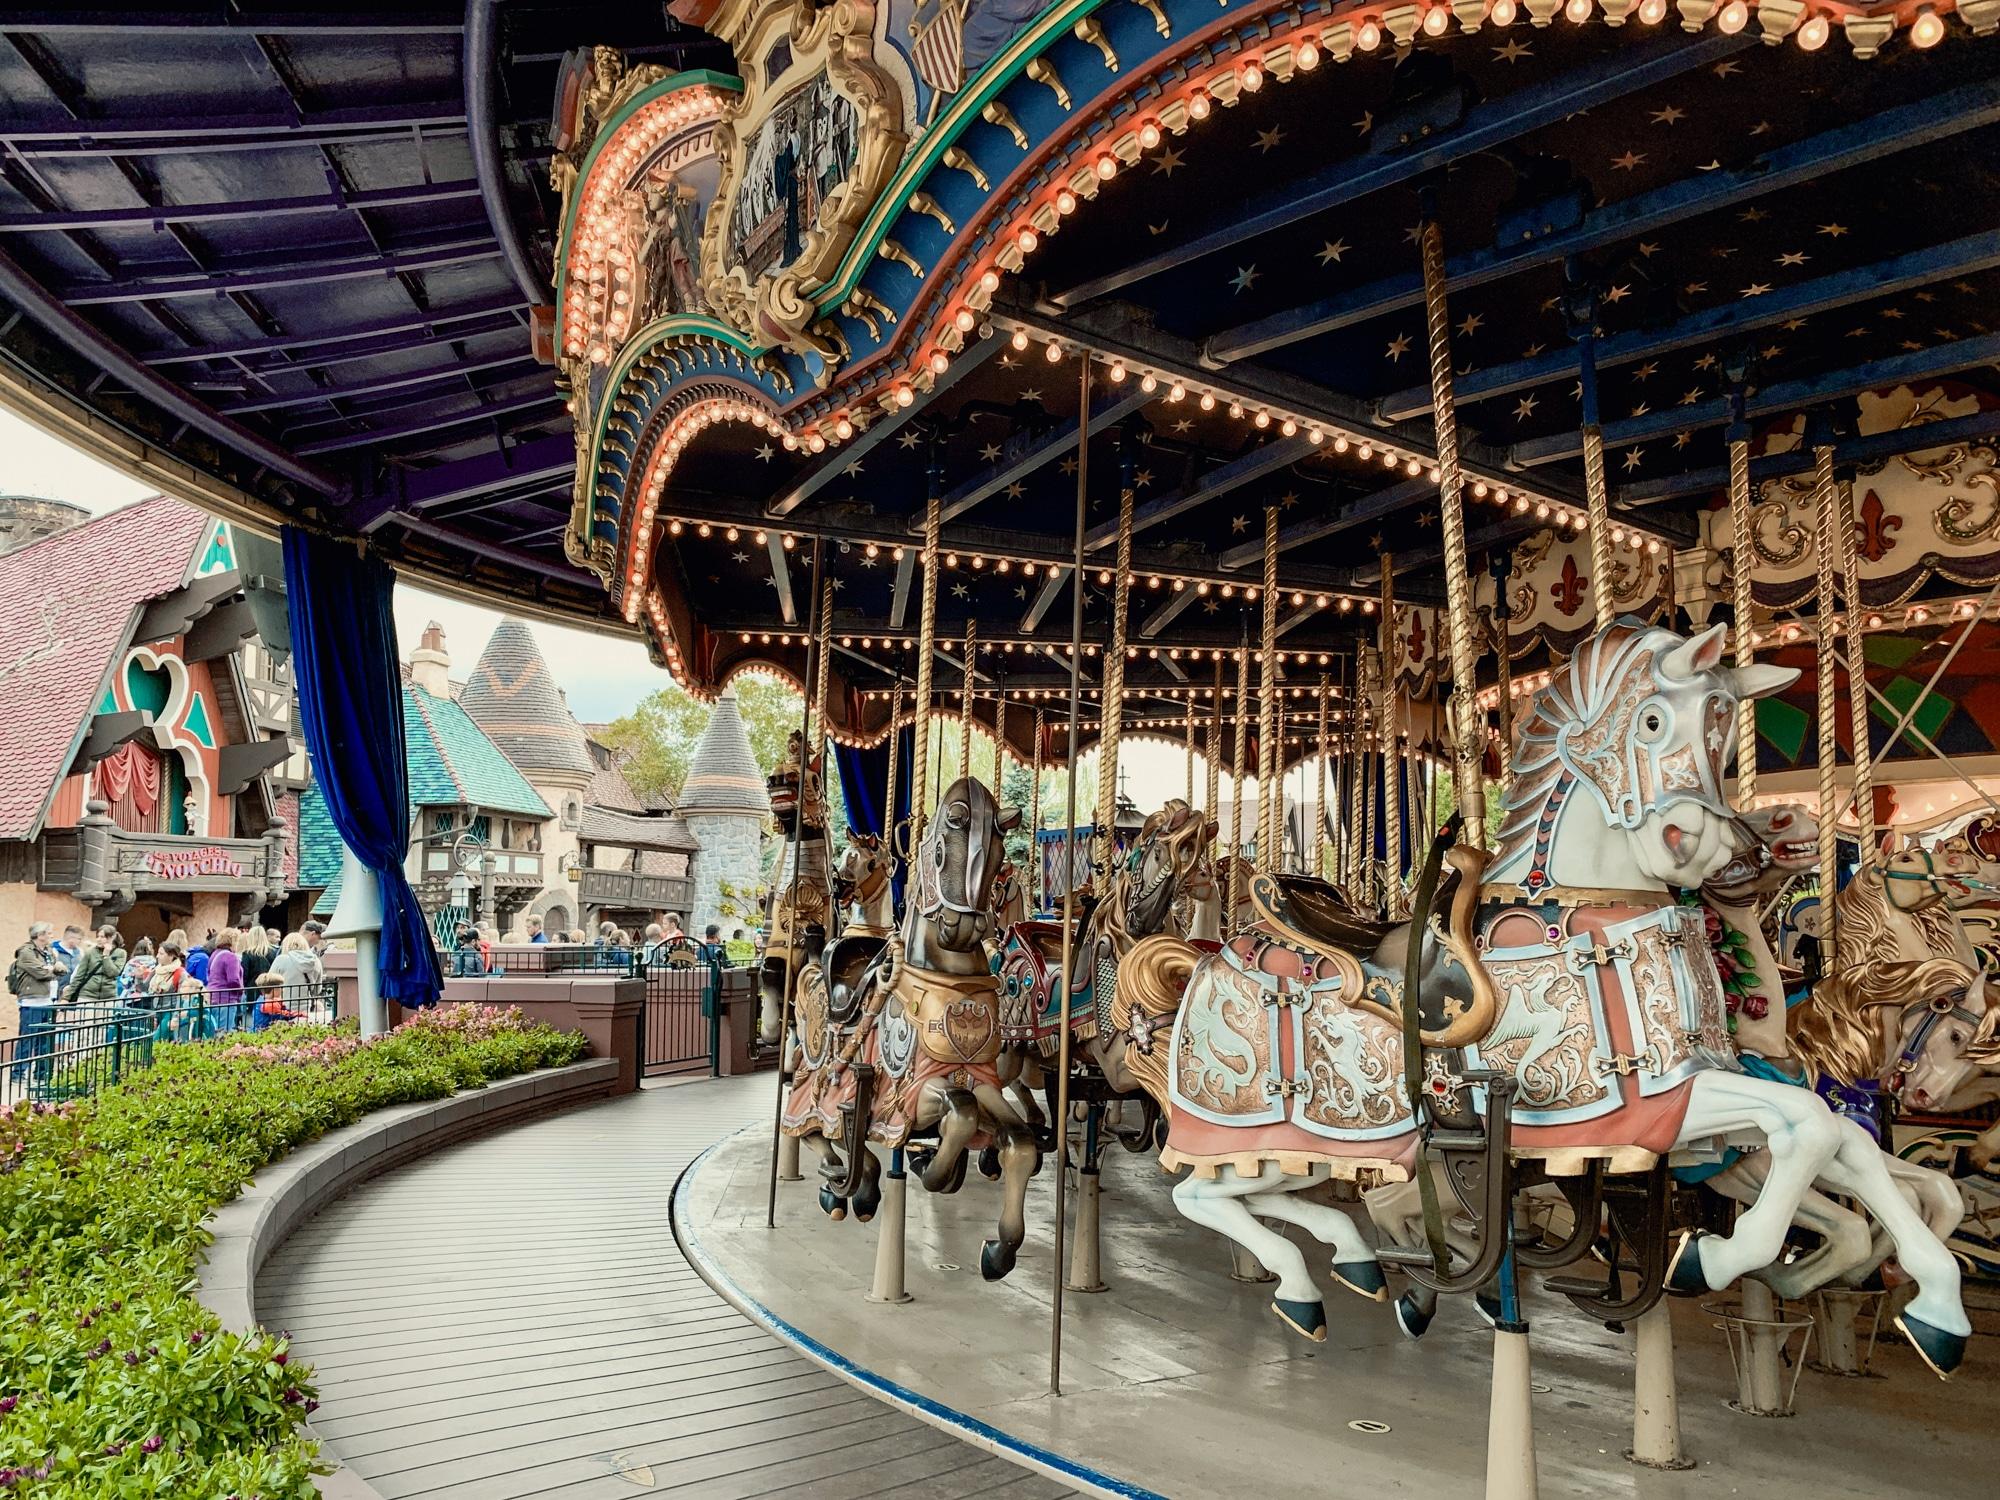 Disneyland Paris Tipps: 10 tolle Hacks für den glücklichsten Ort der Welt - Karussell